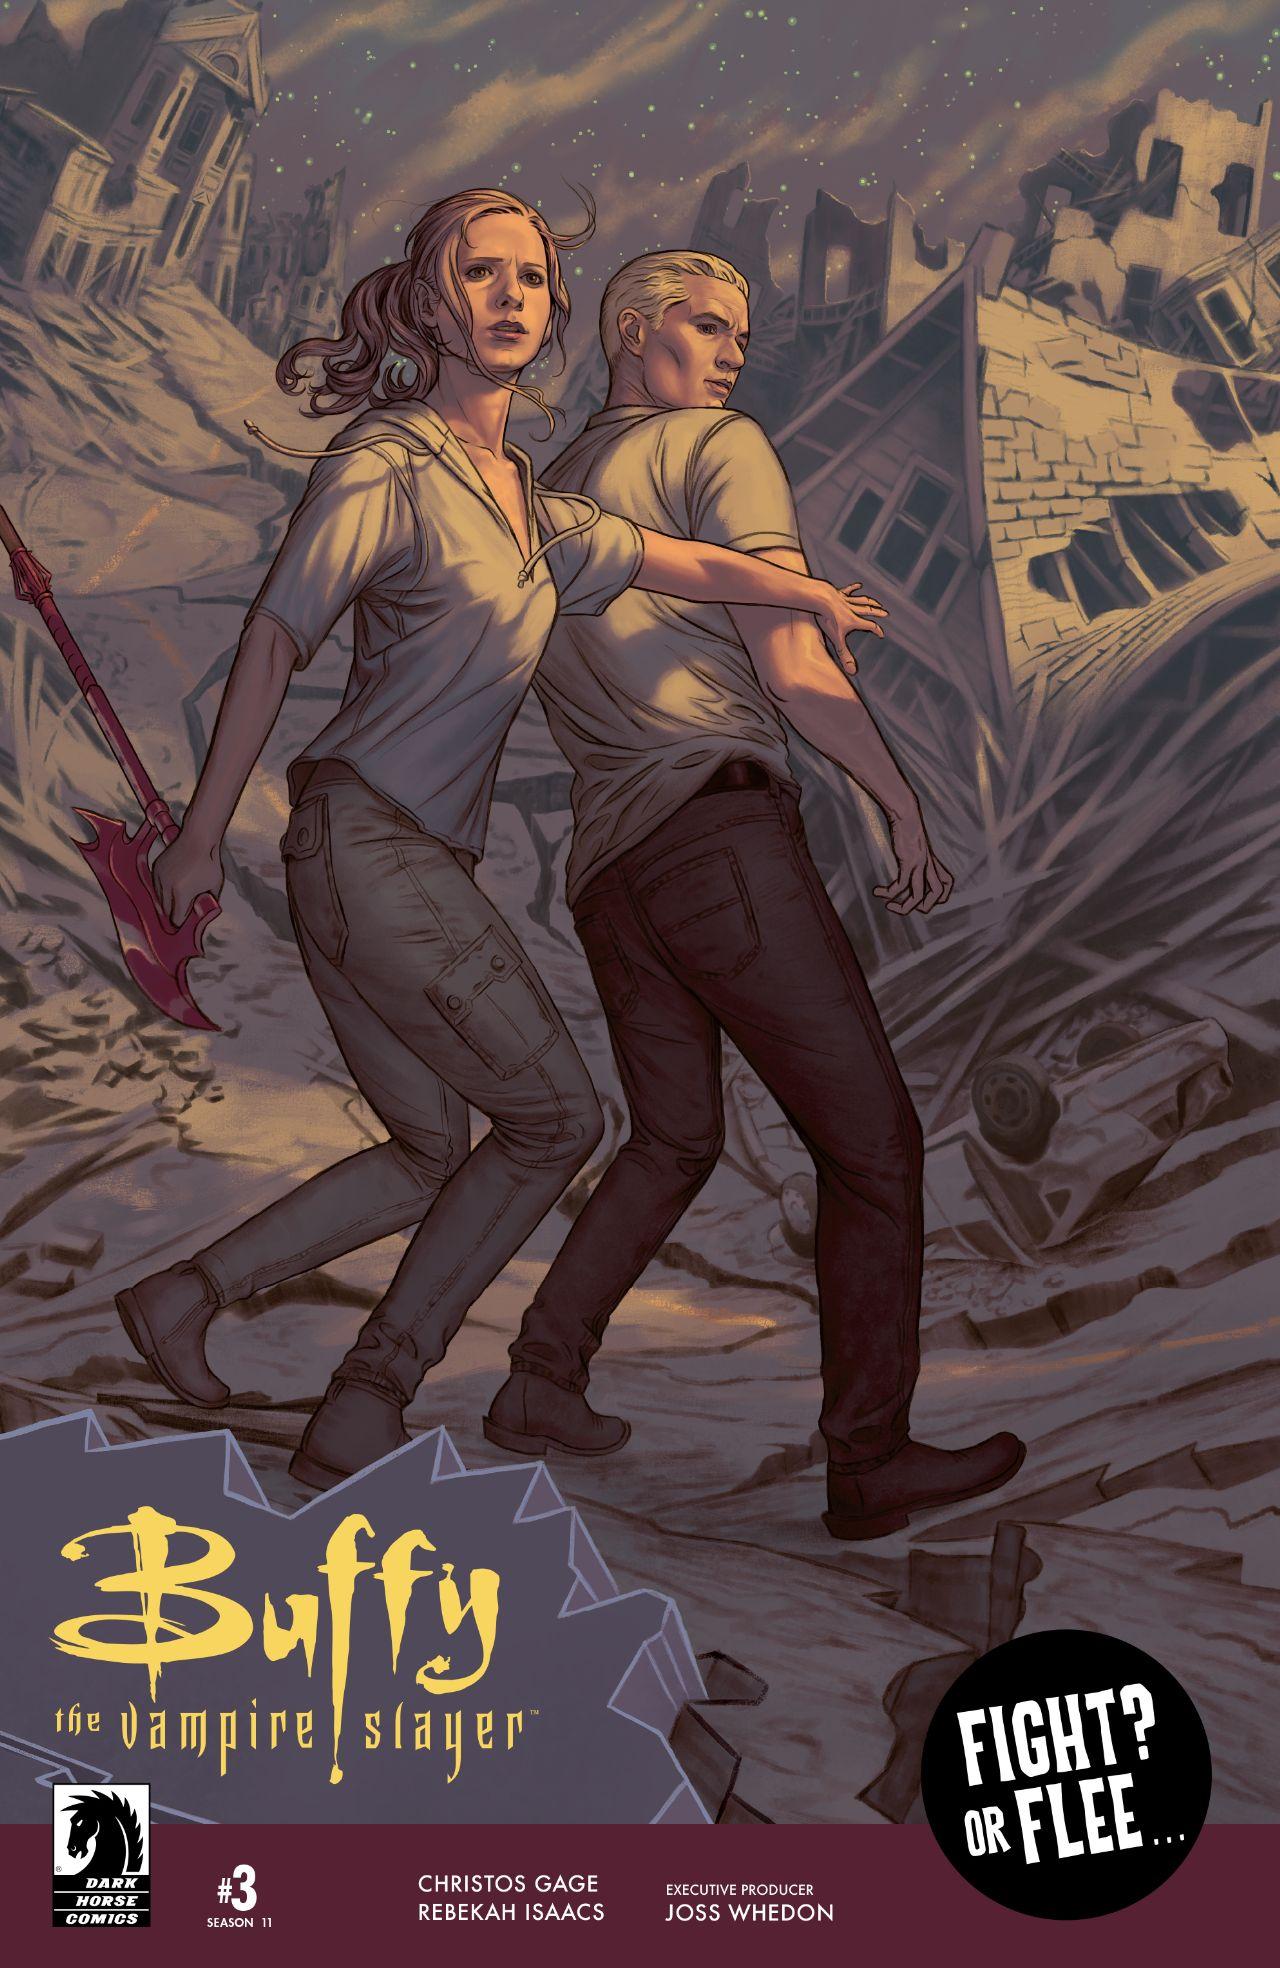 'Buffy the Vampire Slayer' (Season 11) #3 cover art by Steve Morris